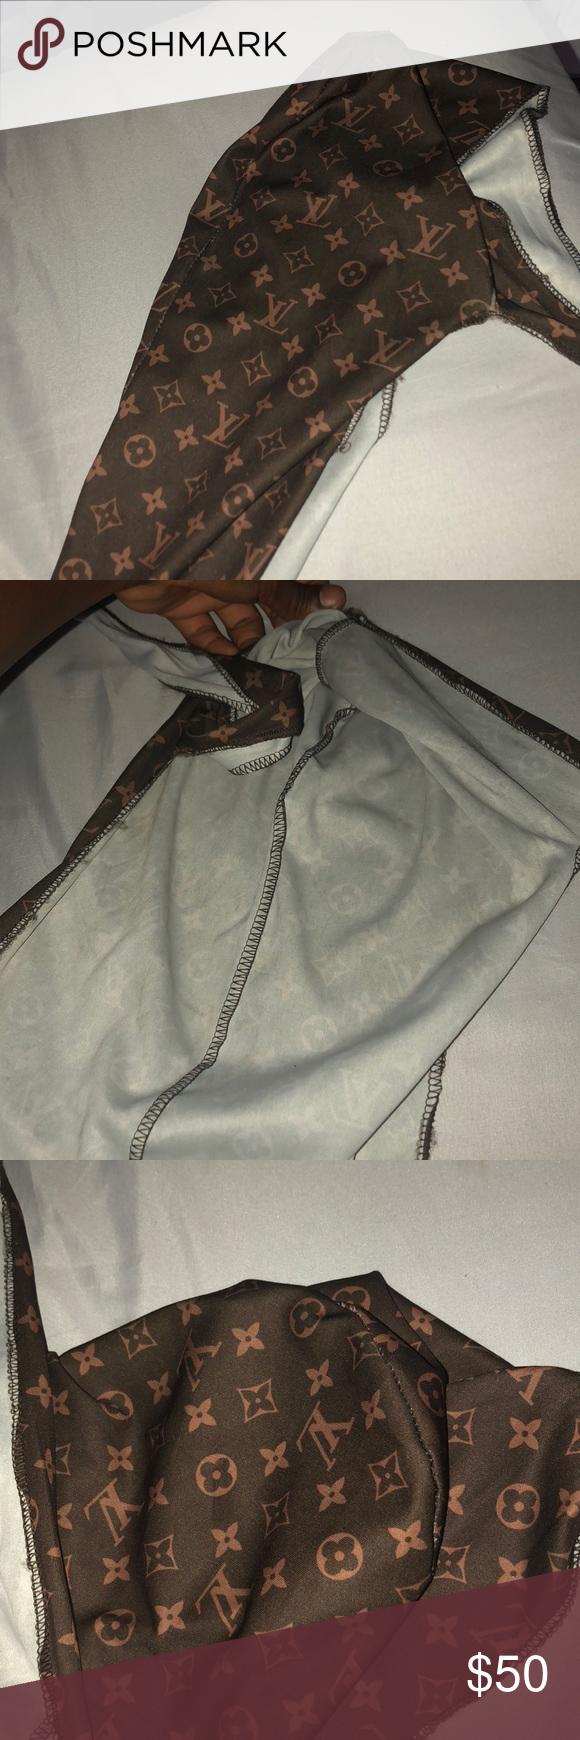 Lv Durag Durag Off Of Designerragsnyc Louis Vuitton Accessories